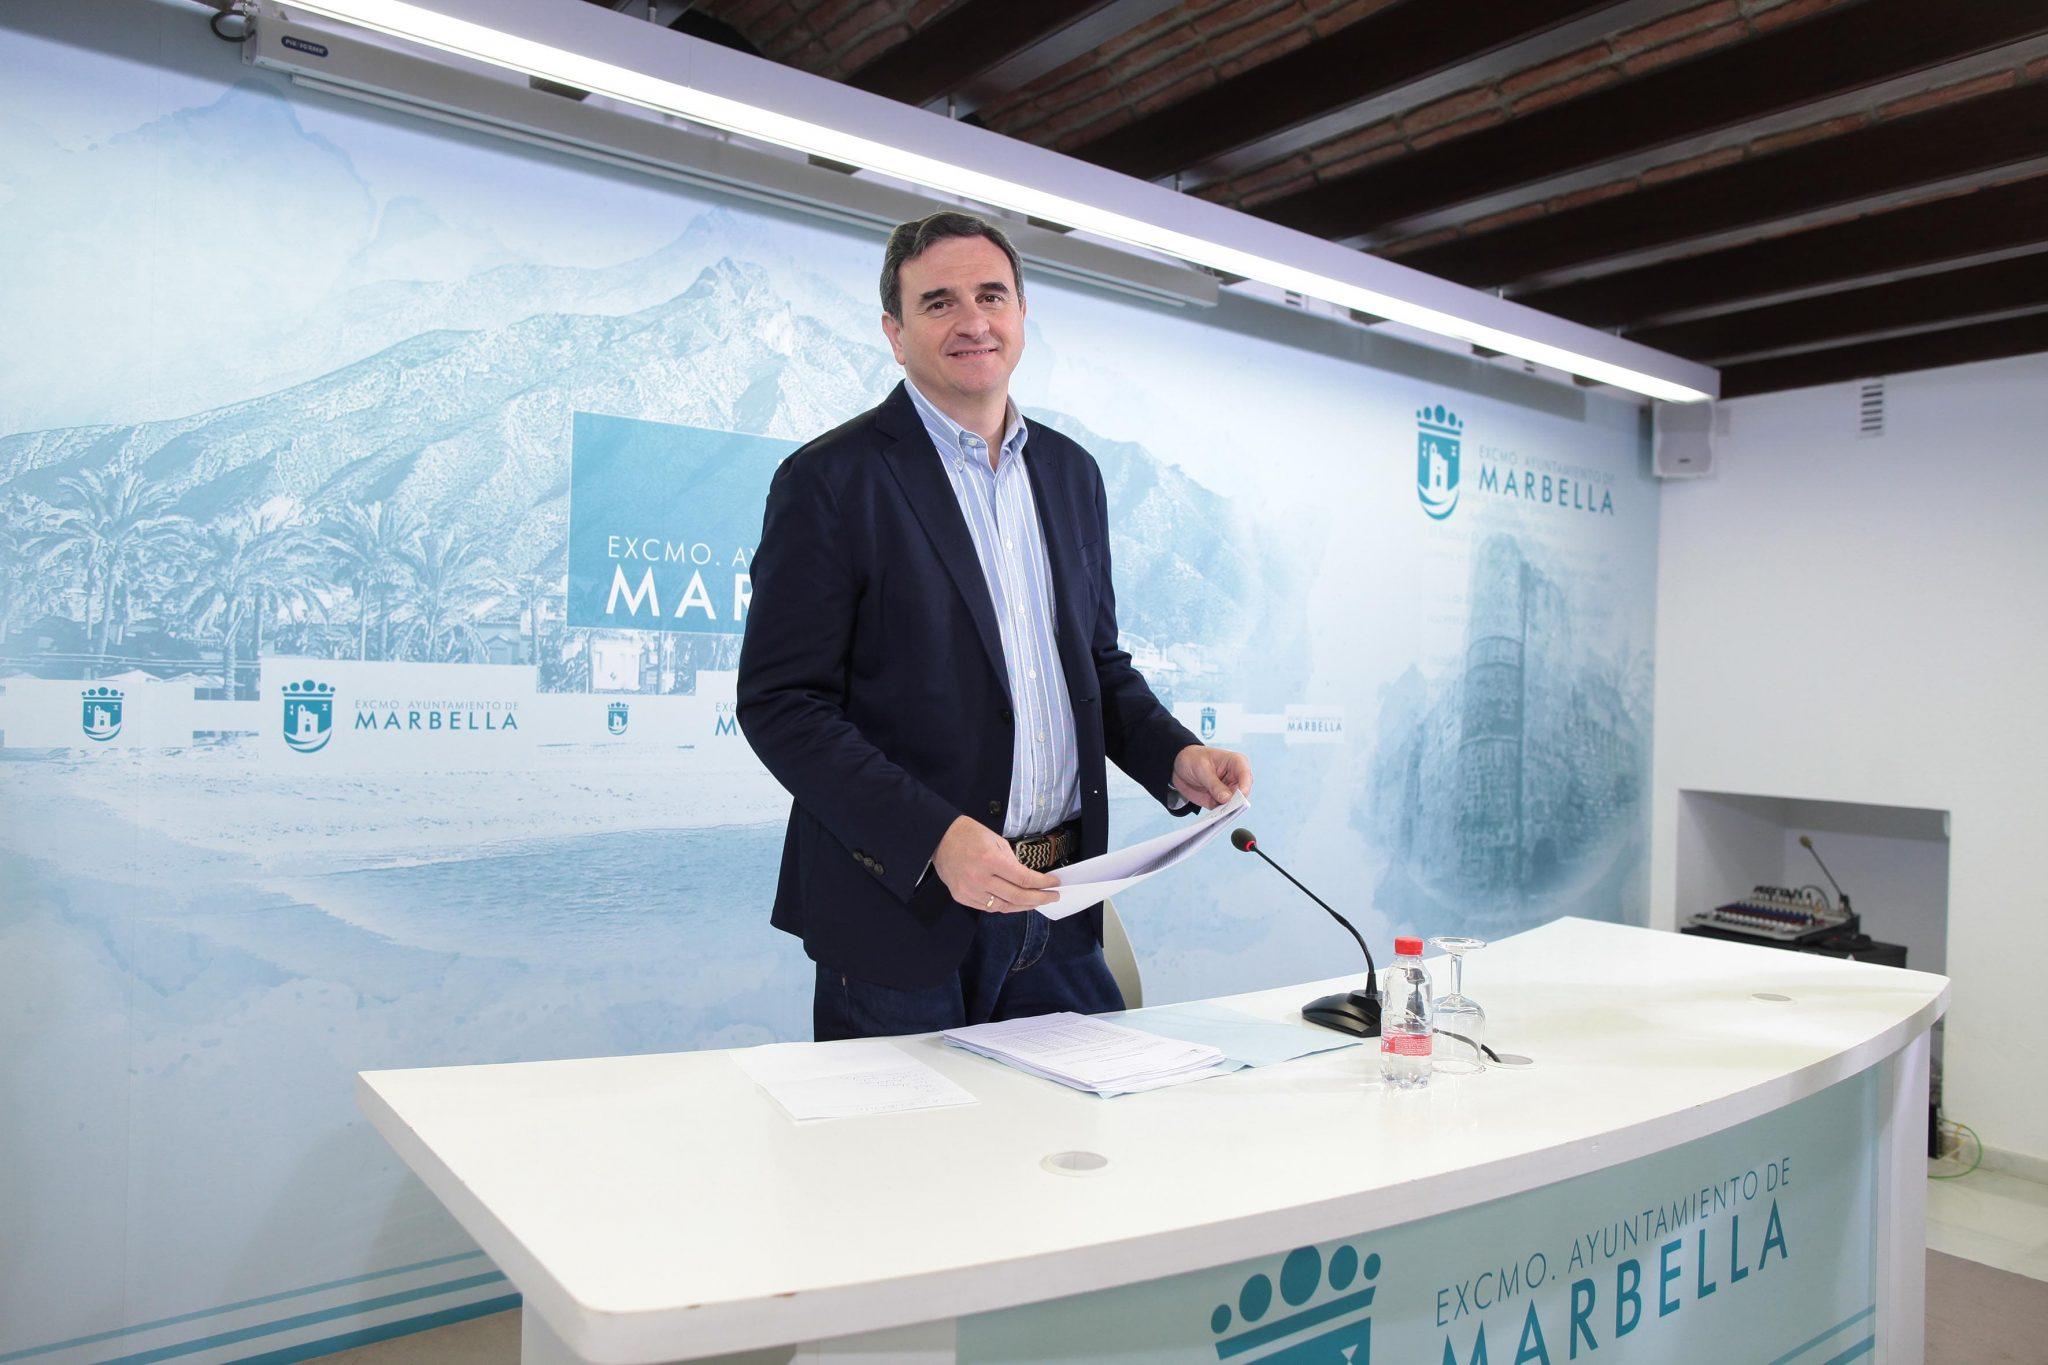 Los ciudadanos empadronados en Marbella podrán solicitar desde el próximo jueves la Tarjeta Municipal de Movilidad